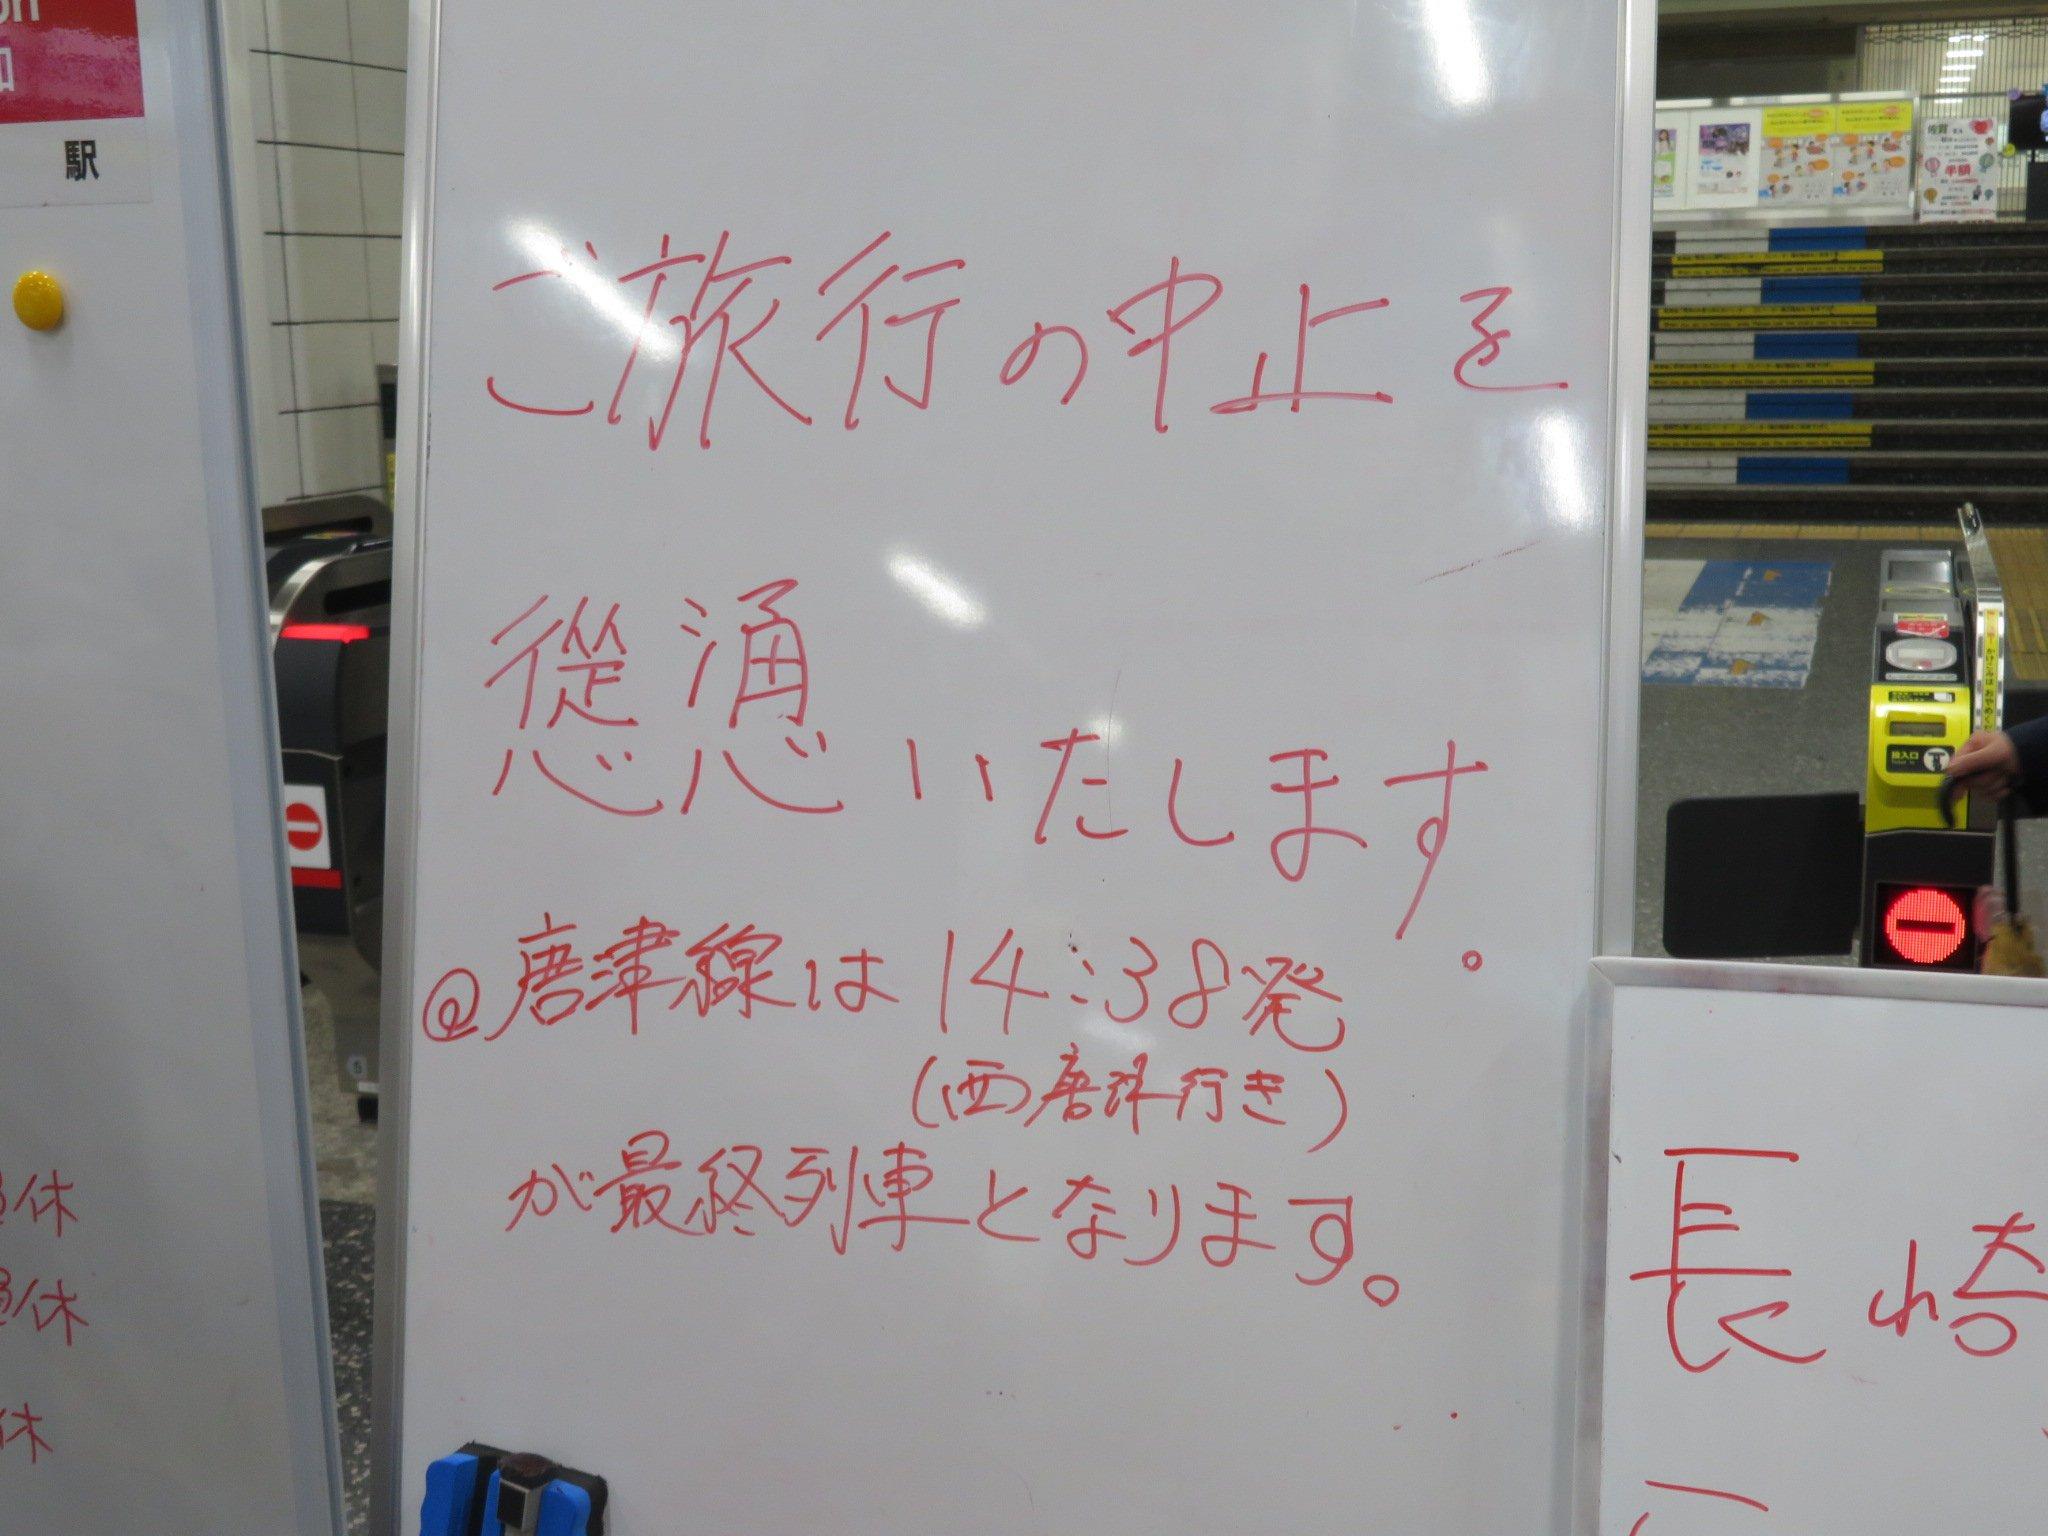 佐賀駅で「ご旅行の中止を慫慂いたします」 一体どういうこと?